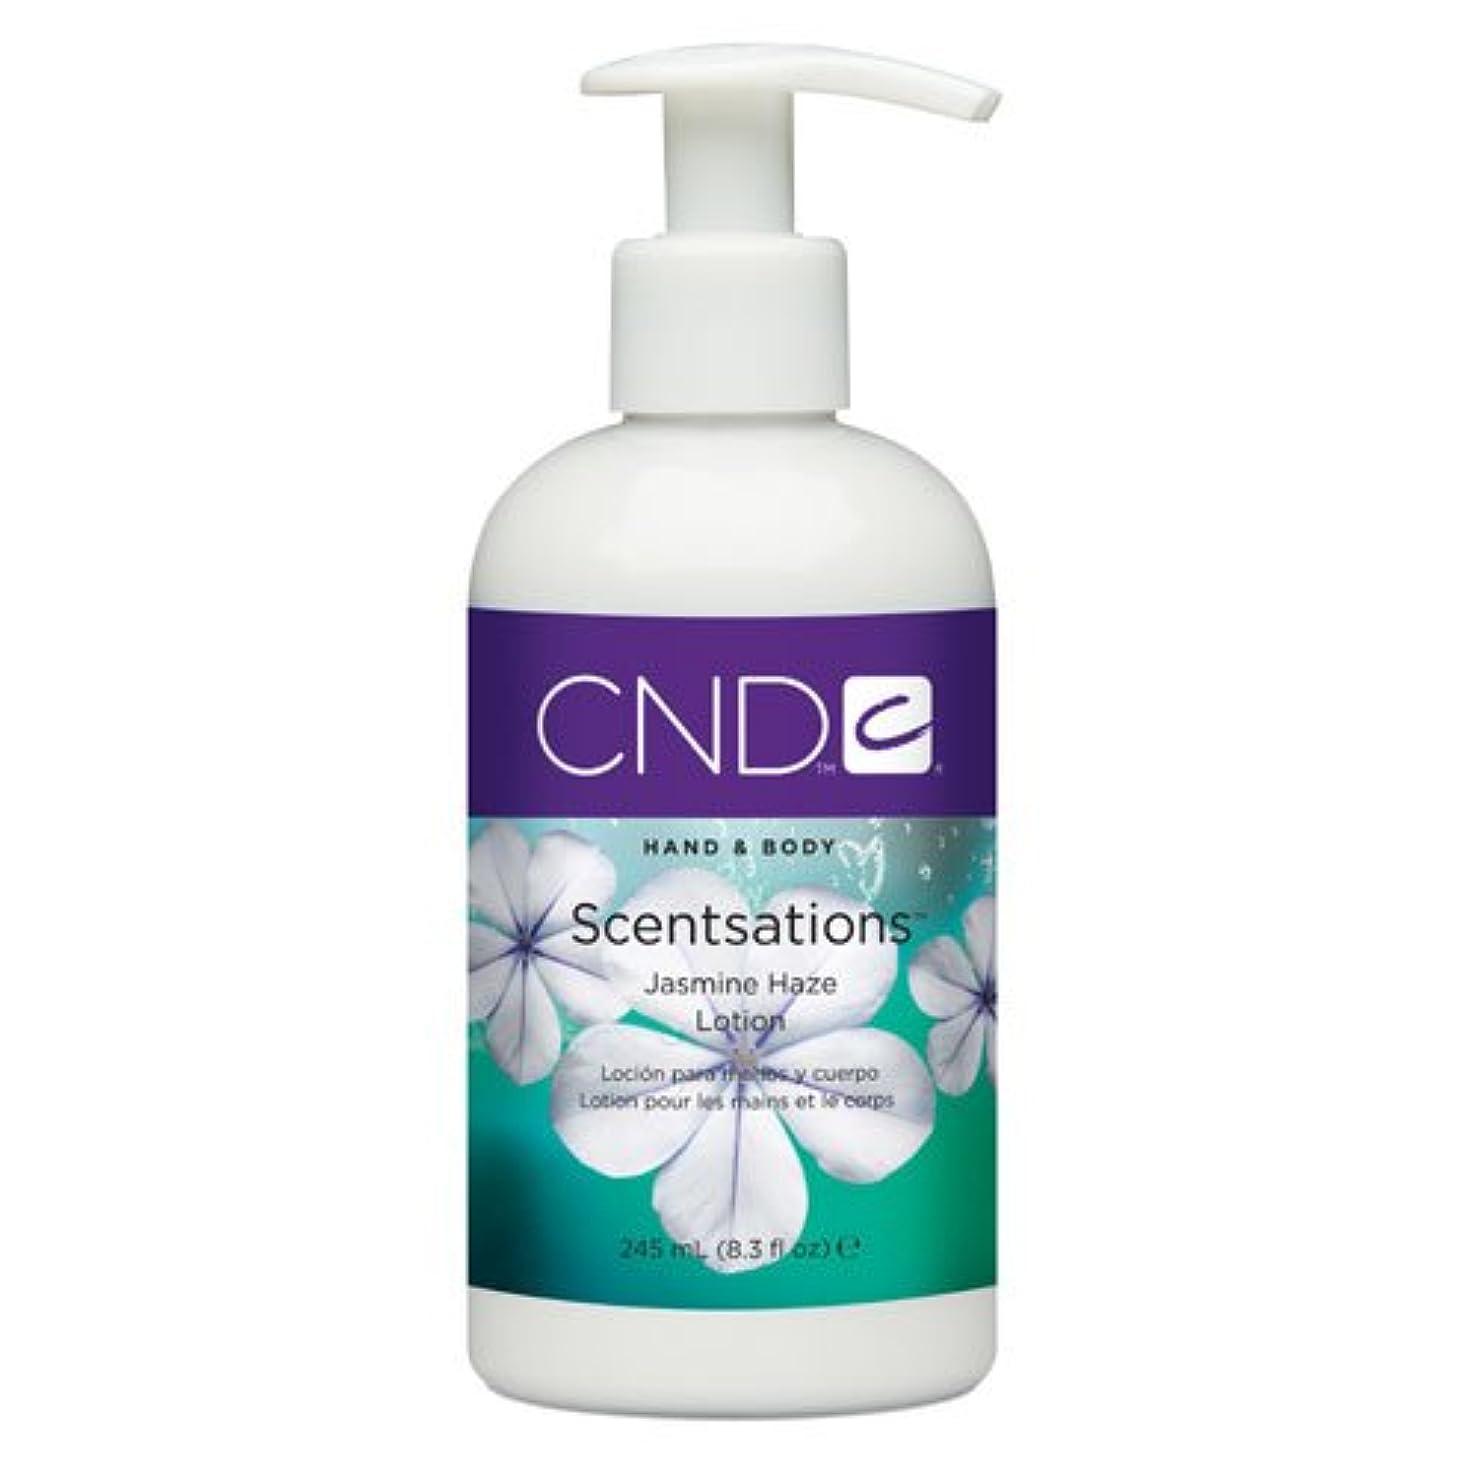 CND センセーション ハンド&ボディローション ジャスミンヘイズ 245ml 目覚めとともに優しく包み込むジャスミンの香り